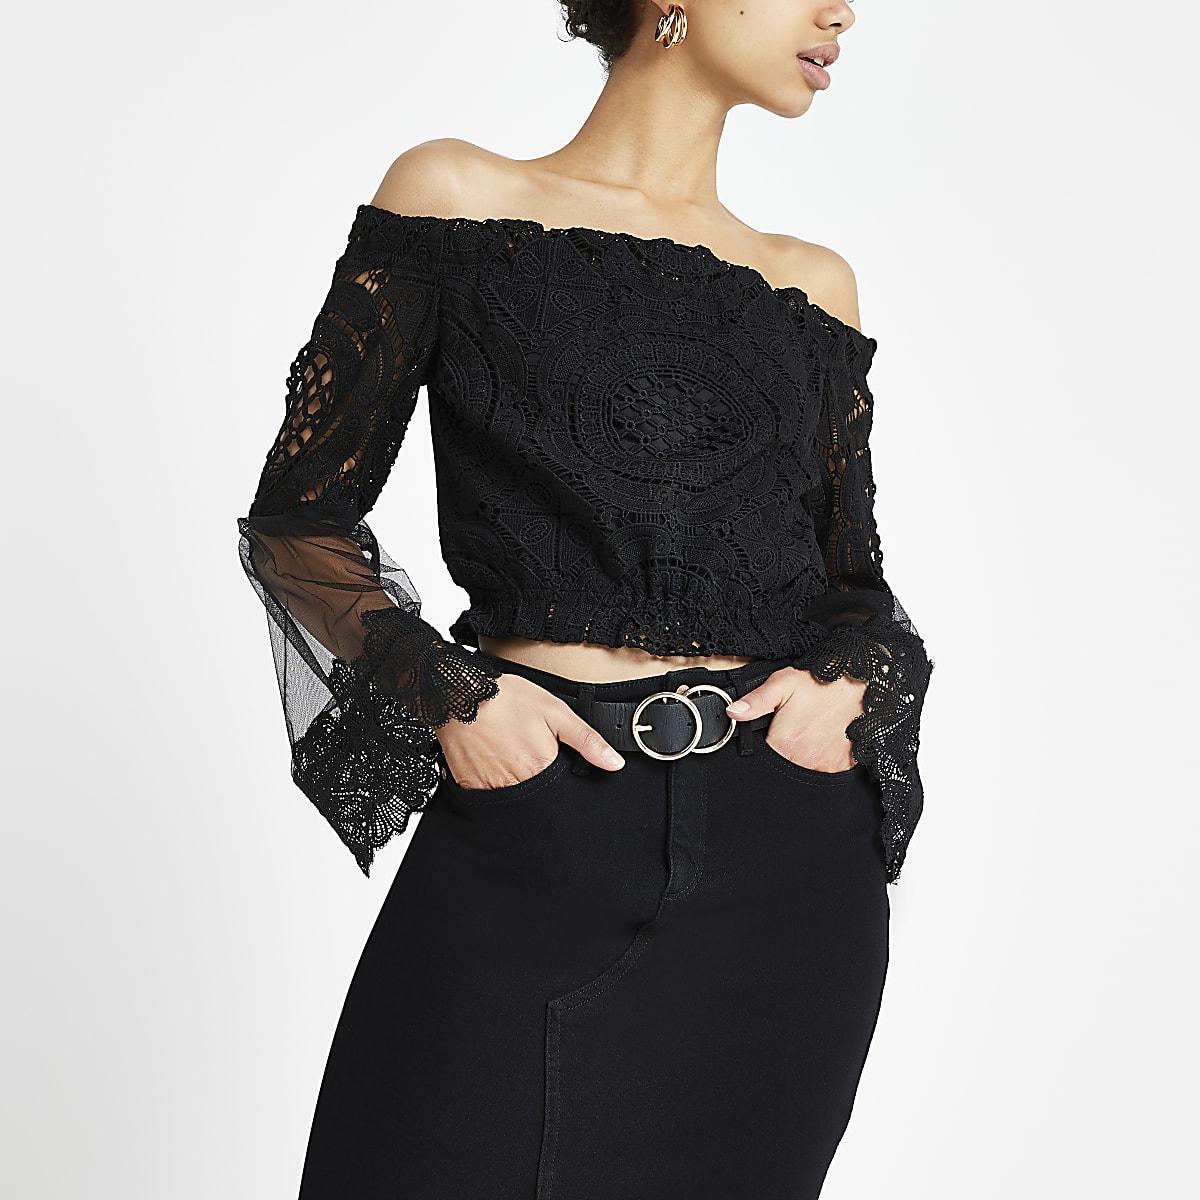 c10141683f0 Black lace mesh bardot top - Bardot / Cold Shoulder Tops - Tops - women